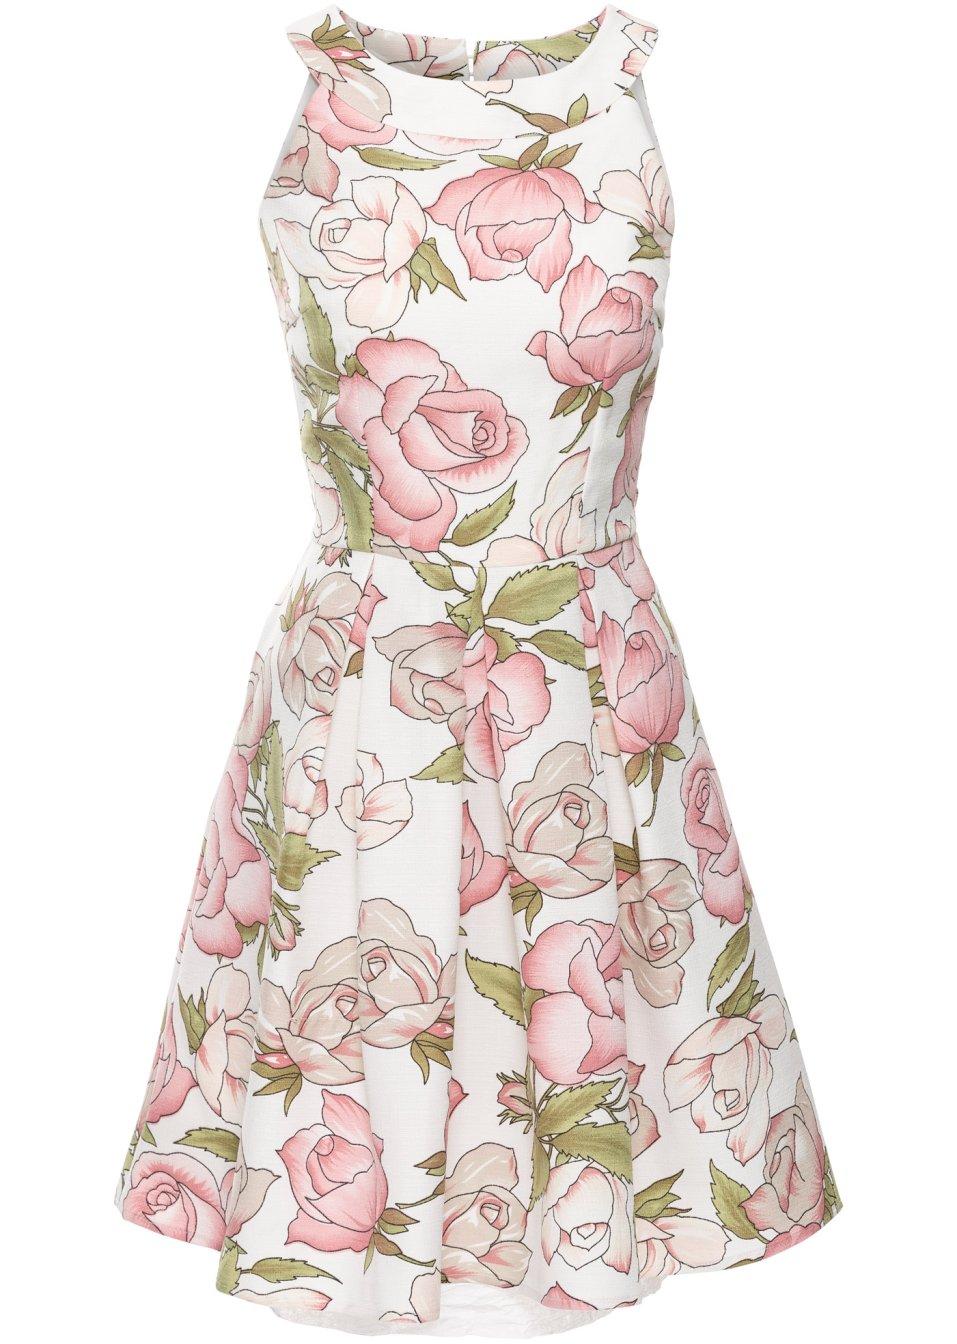 jurk wit roze gebloemd dames bonprix. Black Bedroom Furniture Sets. Home Design Ideas